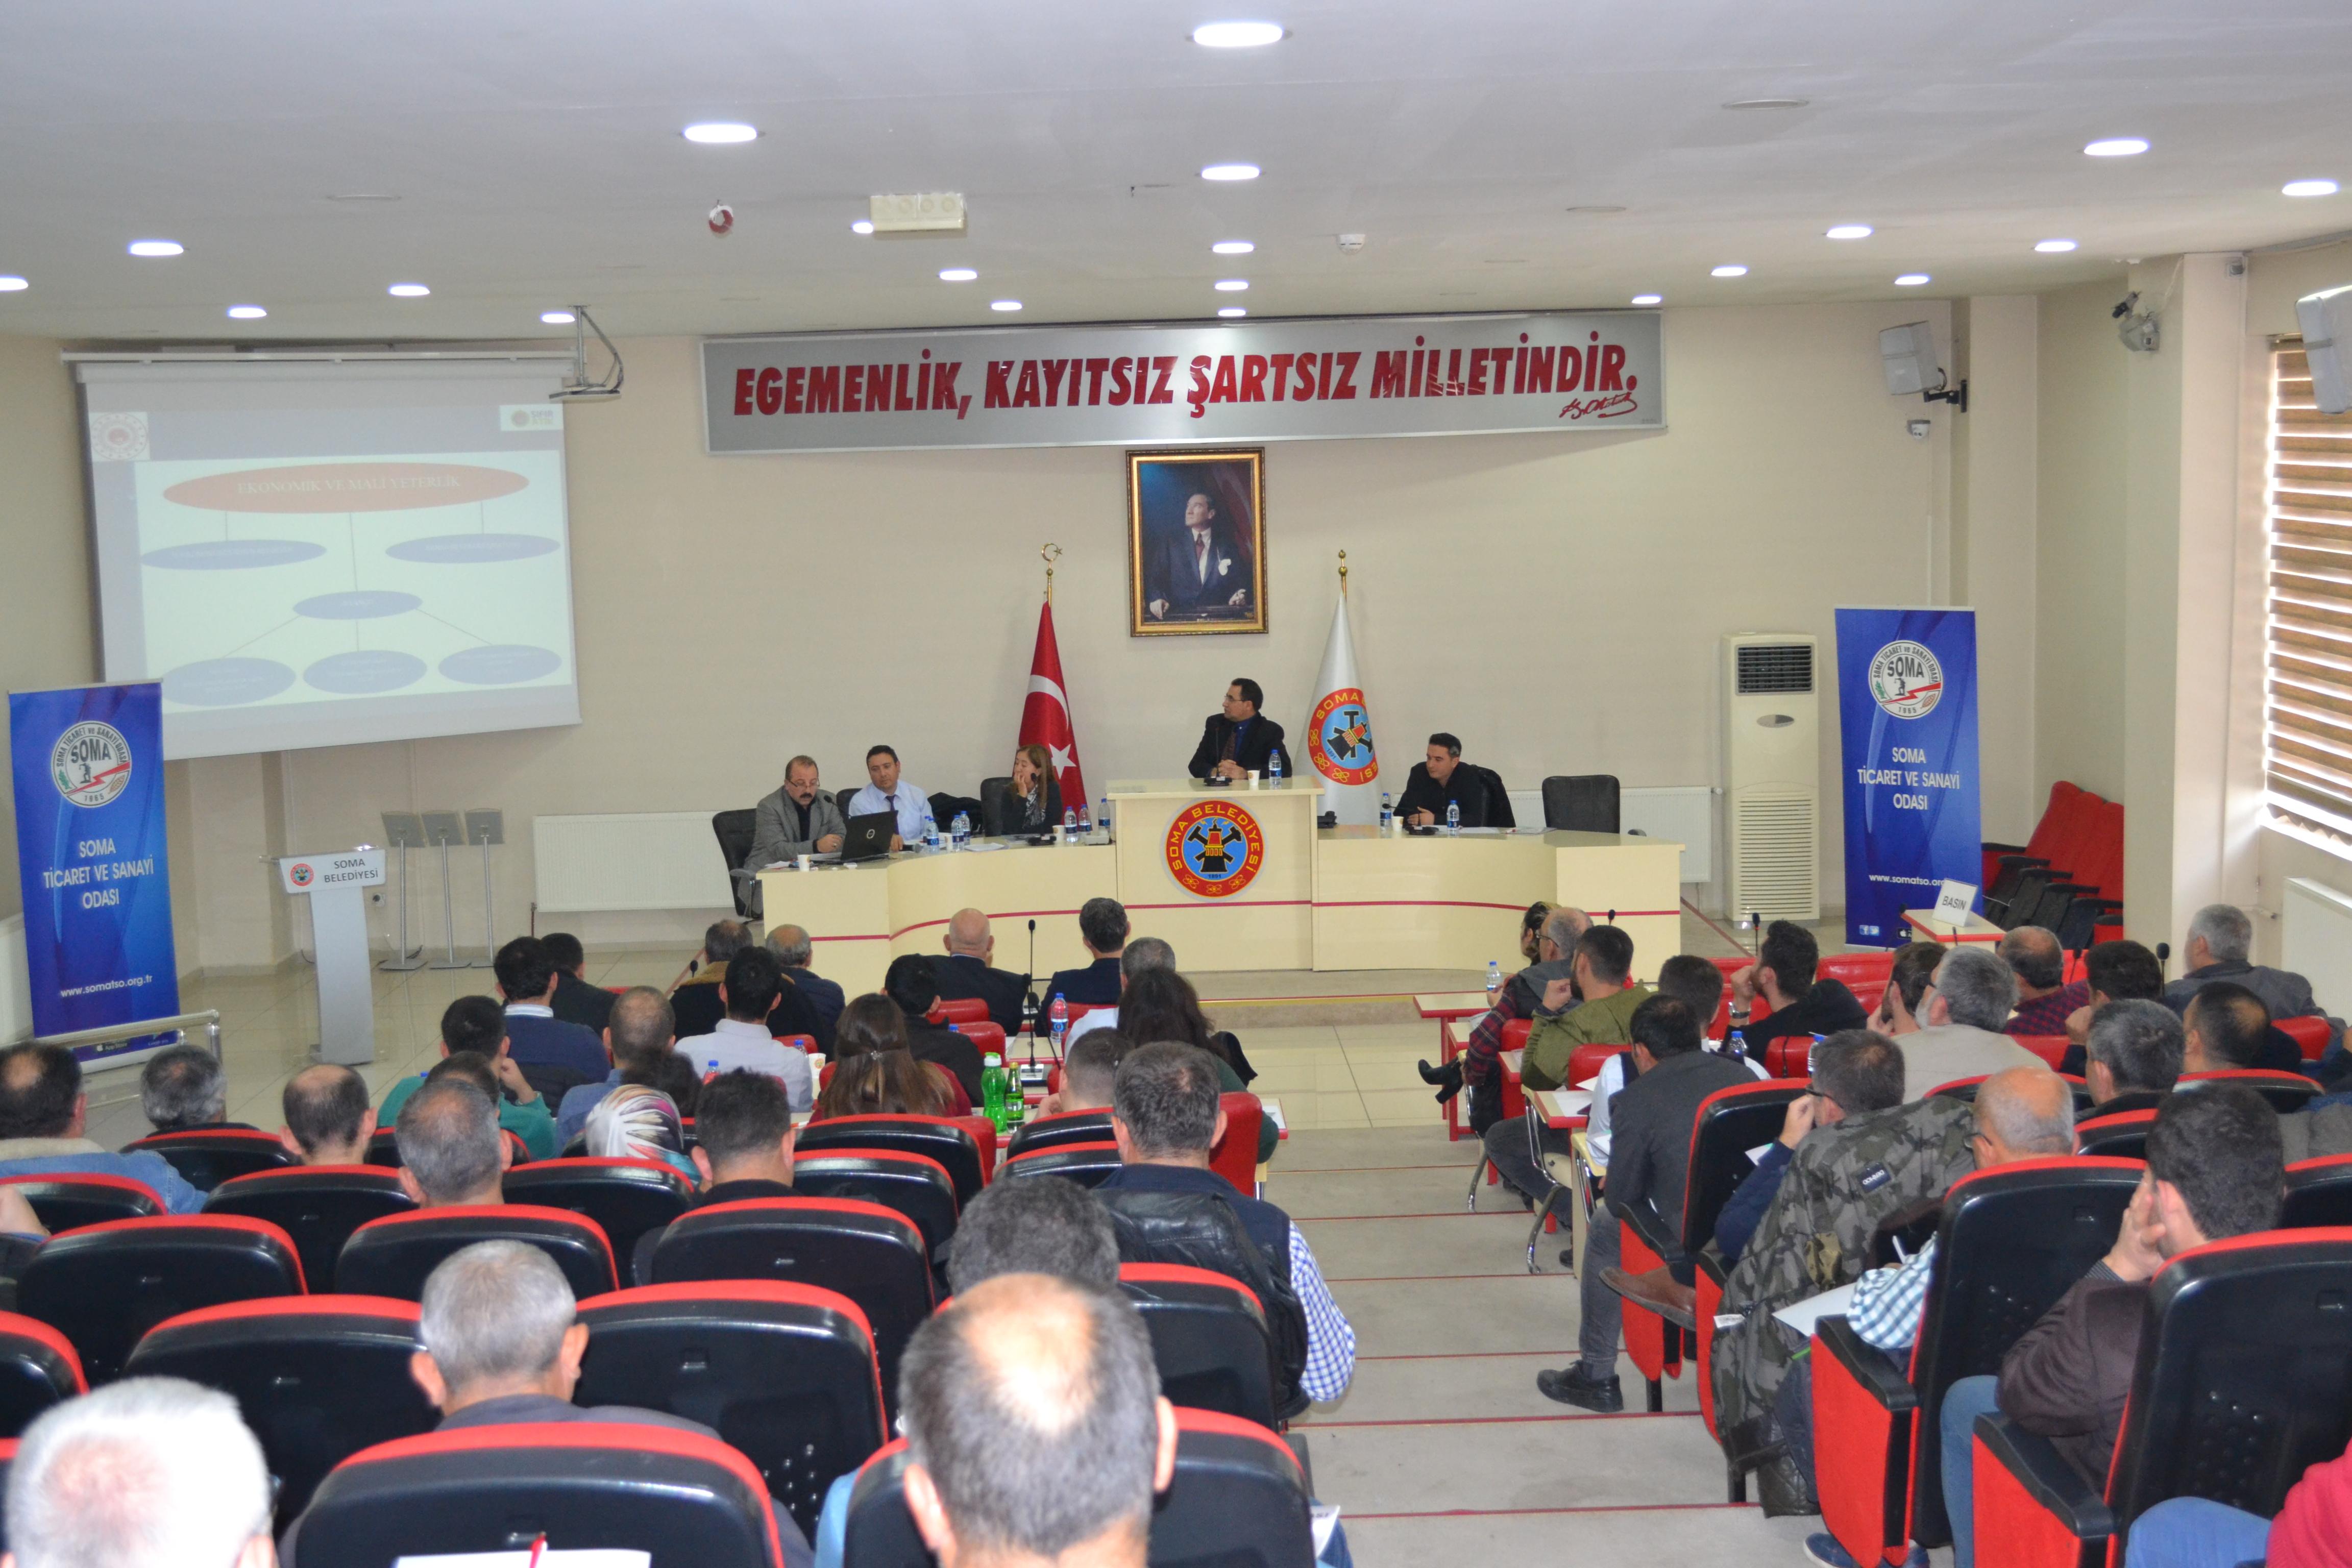 Yapı Müteahhitlerinin Sınıflandırılması ve Kayıtlarının Tutulması Yönetmeliği Hakkında Toplantı Düzenlendi